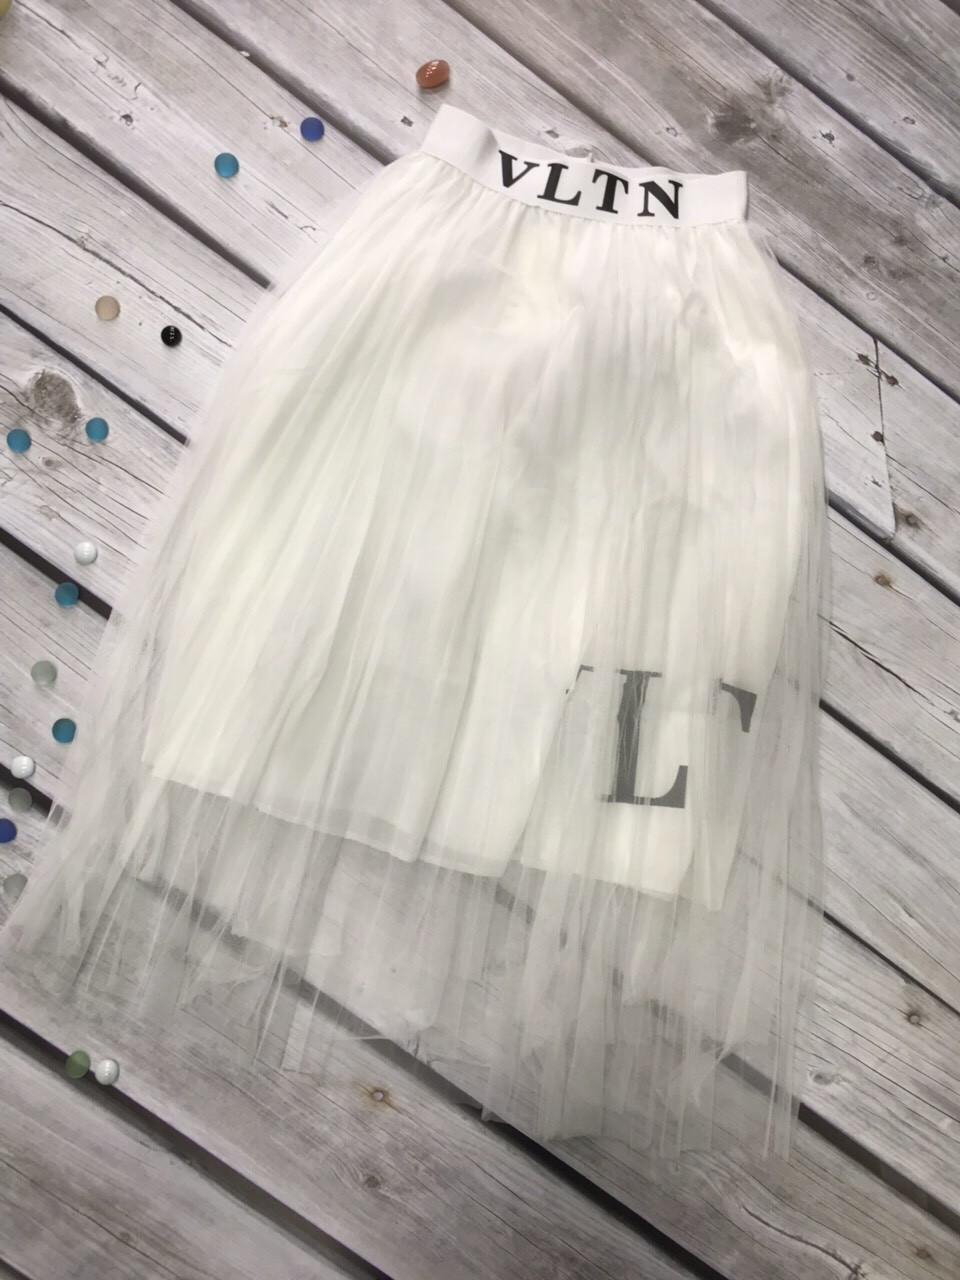 Кокетливая молодежная прозрачная юбка 40-48